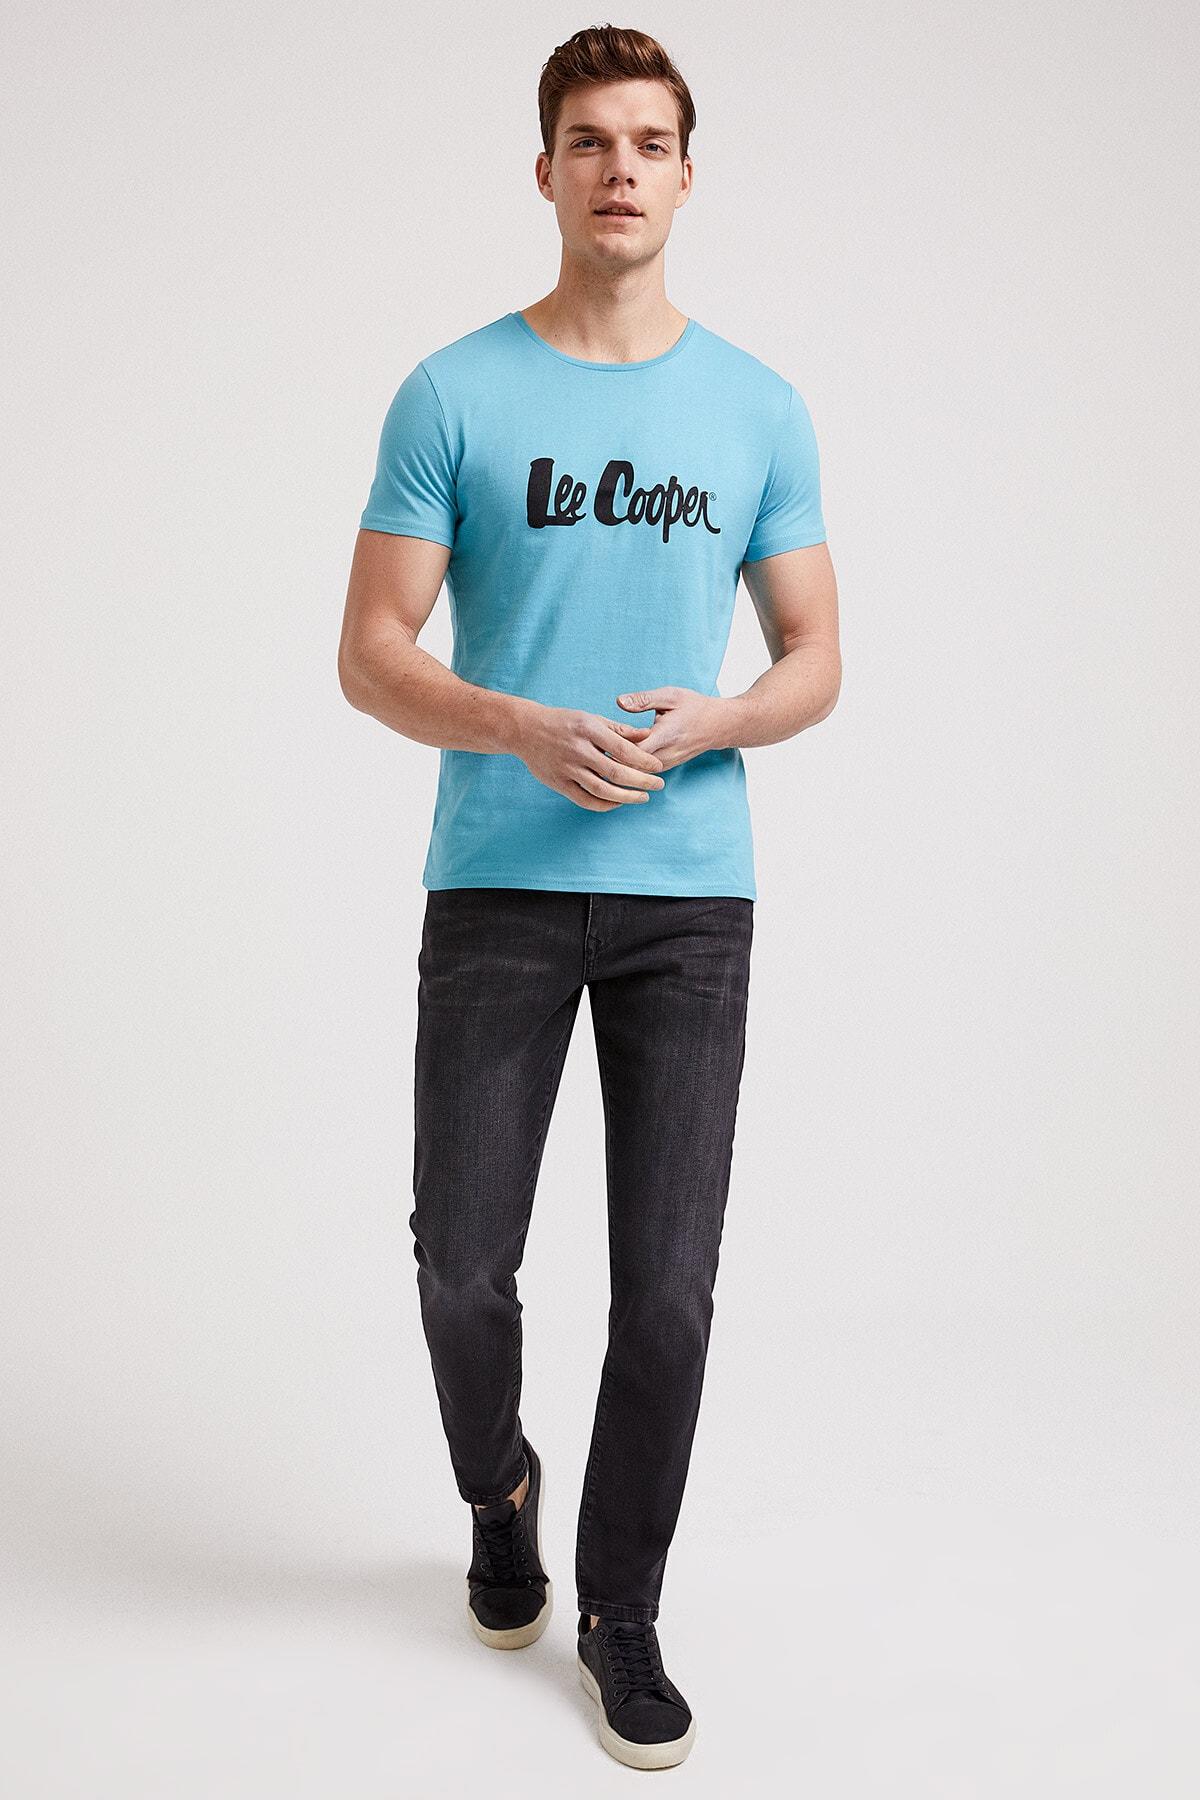 خرید اینترنتی تی شرت خاص برند Lee Cooper رنگ فیروزه ای ty40634006